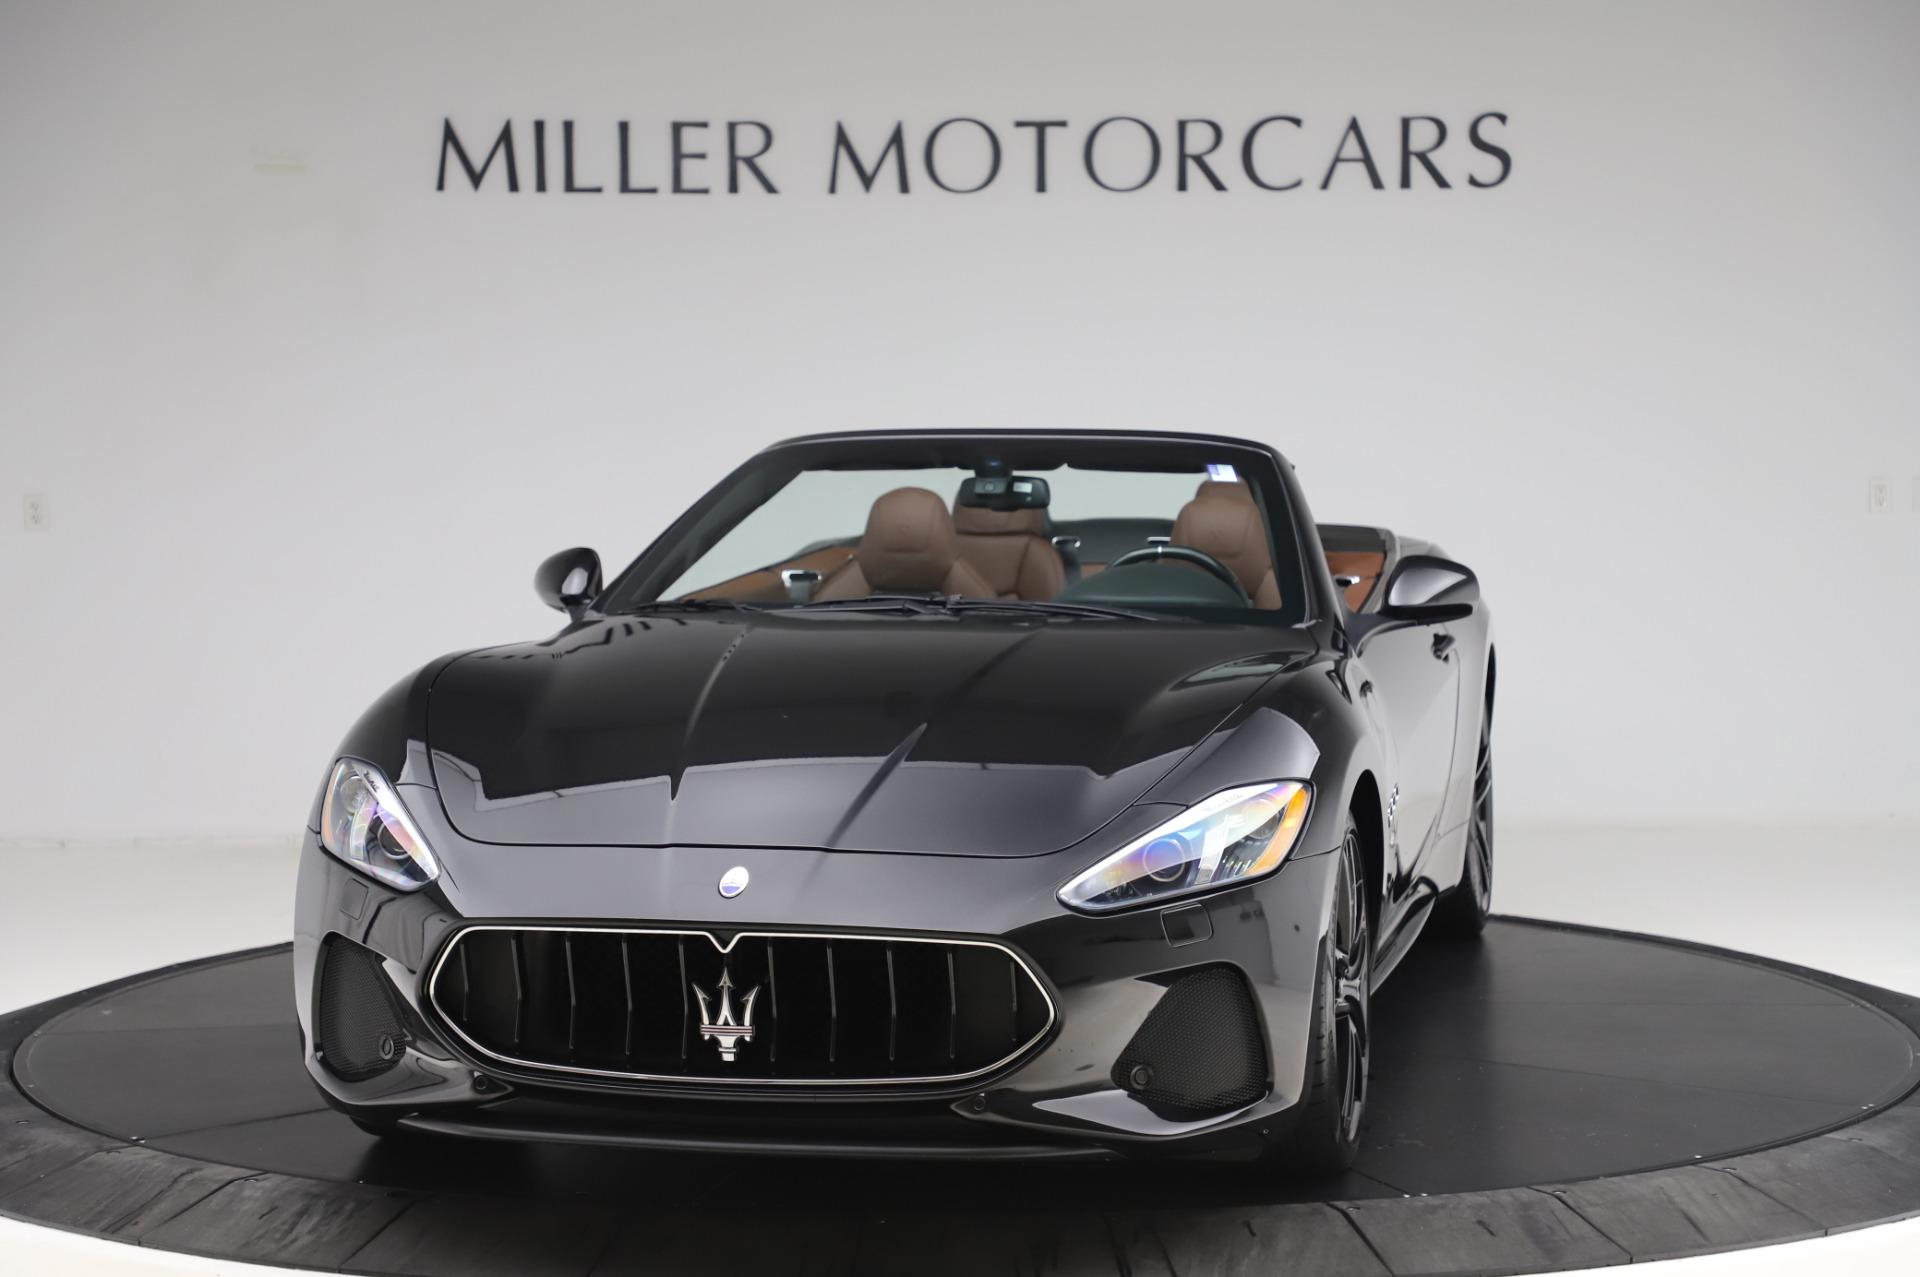 New 2019 Maserati GranTurismo Sport for sale $163,495 at Bugatti of Greenwich in Greenwich CT 06830 1